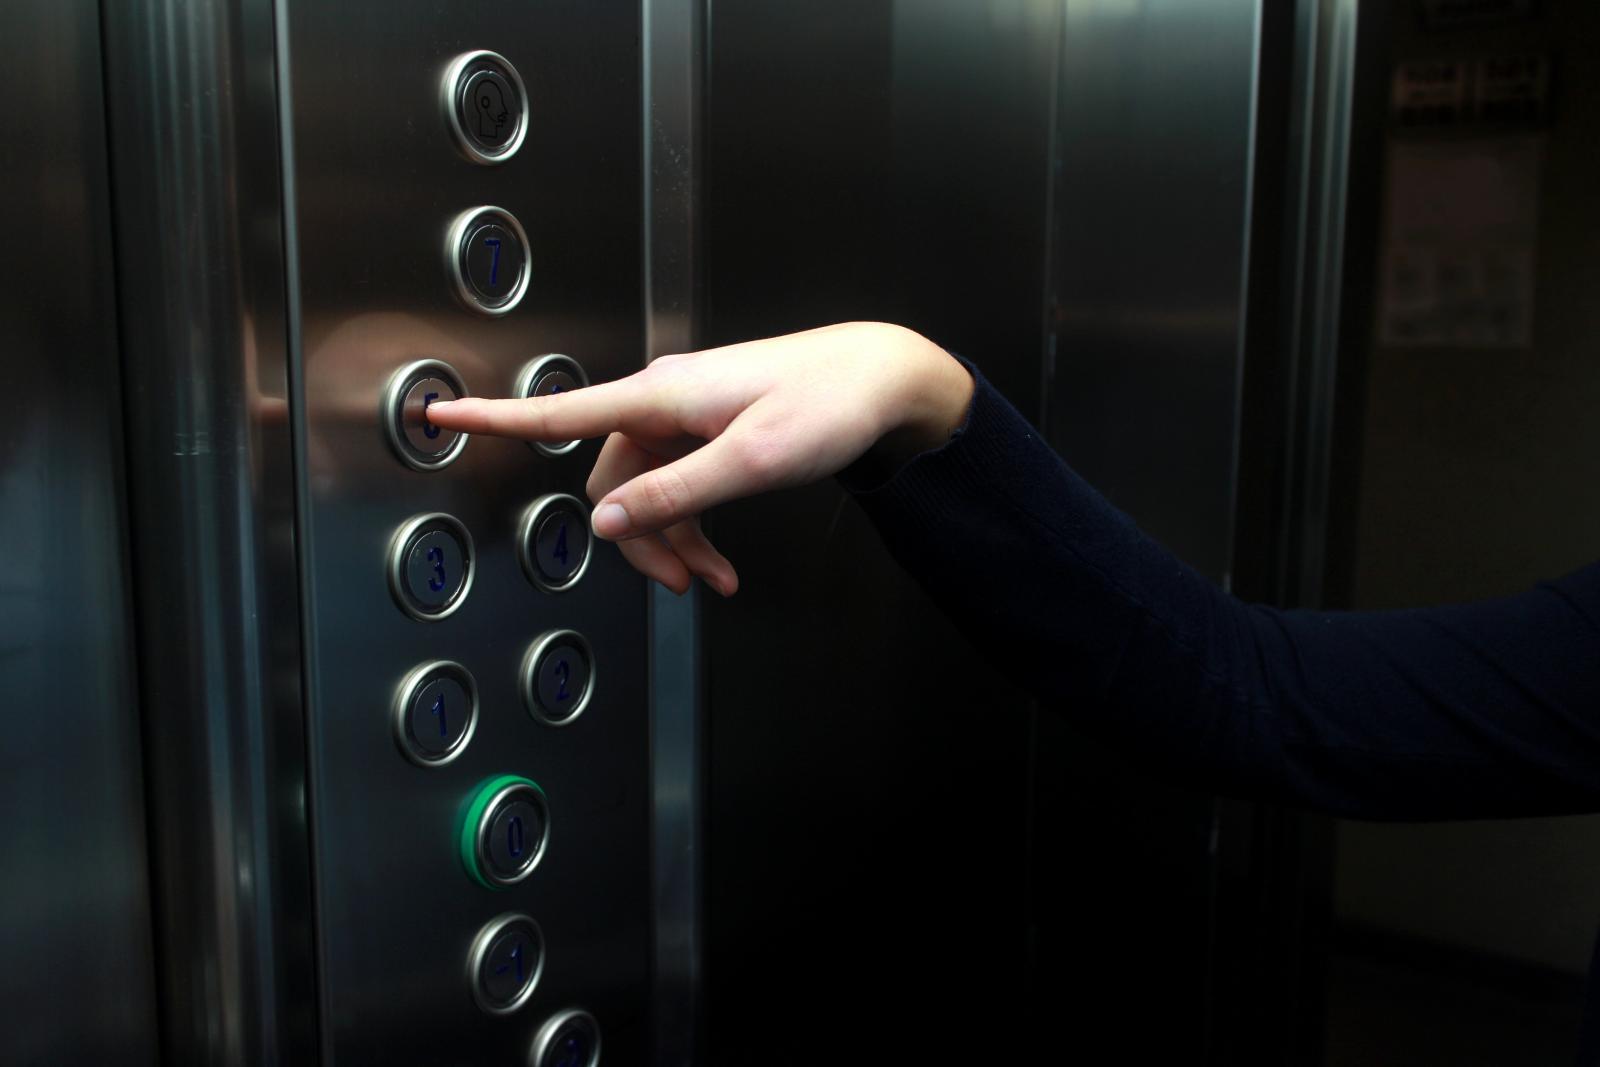 Женщина просидела в лифте 27 часов и выжила благодаря вину